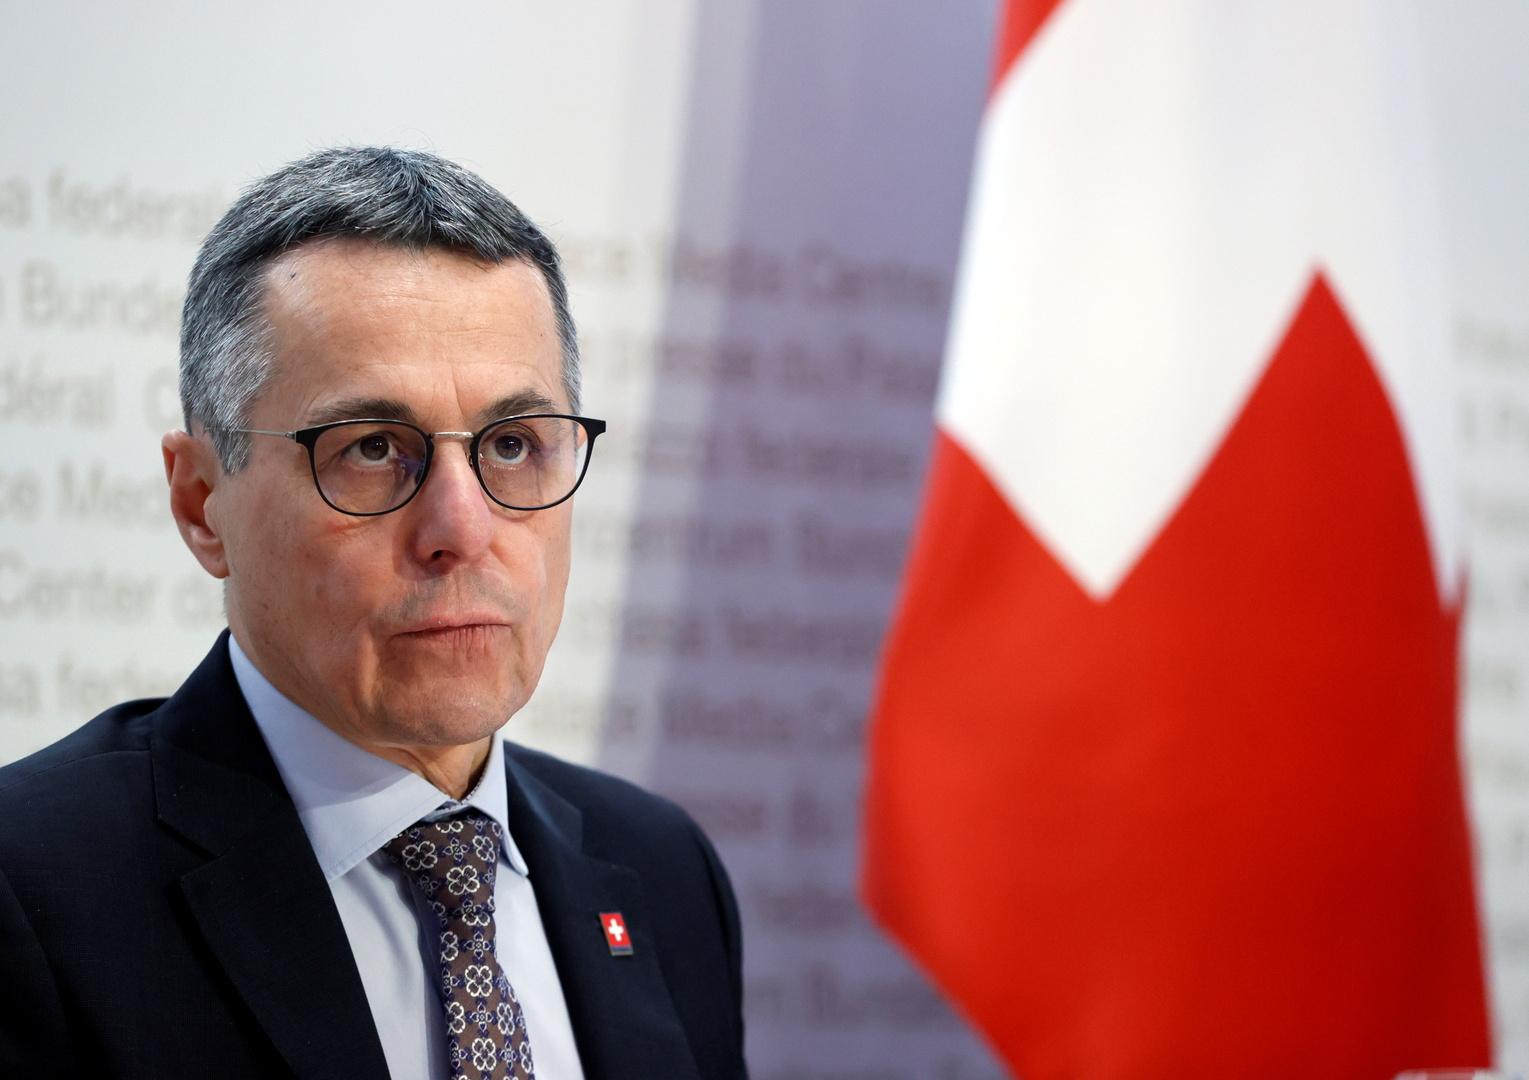 سويسرا: مهتمون بإيجاد حل سياسي للأزمة اللبنانية لتمكين المجتمع الدولي من تقديم المساعدات